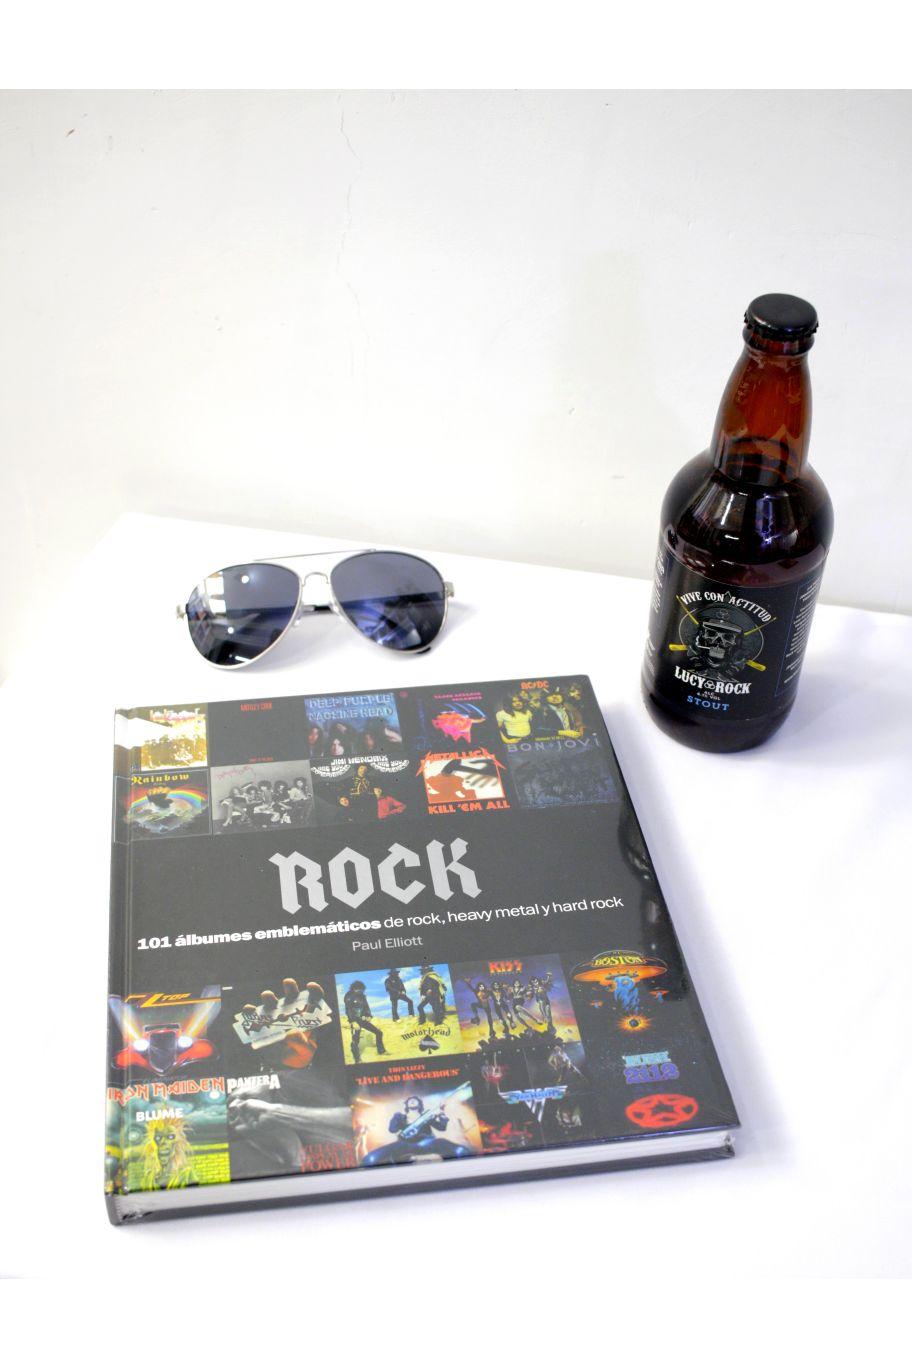 LIBRO ROCK 101 ALBUMES EMBLEMATICOS, ROCK, HEAVY METAL, HARD ROCK